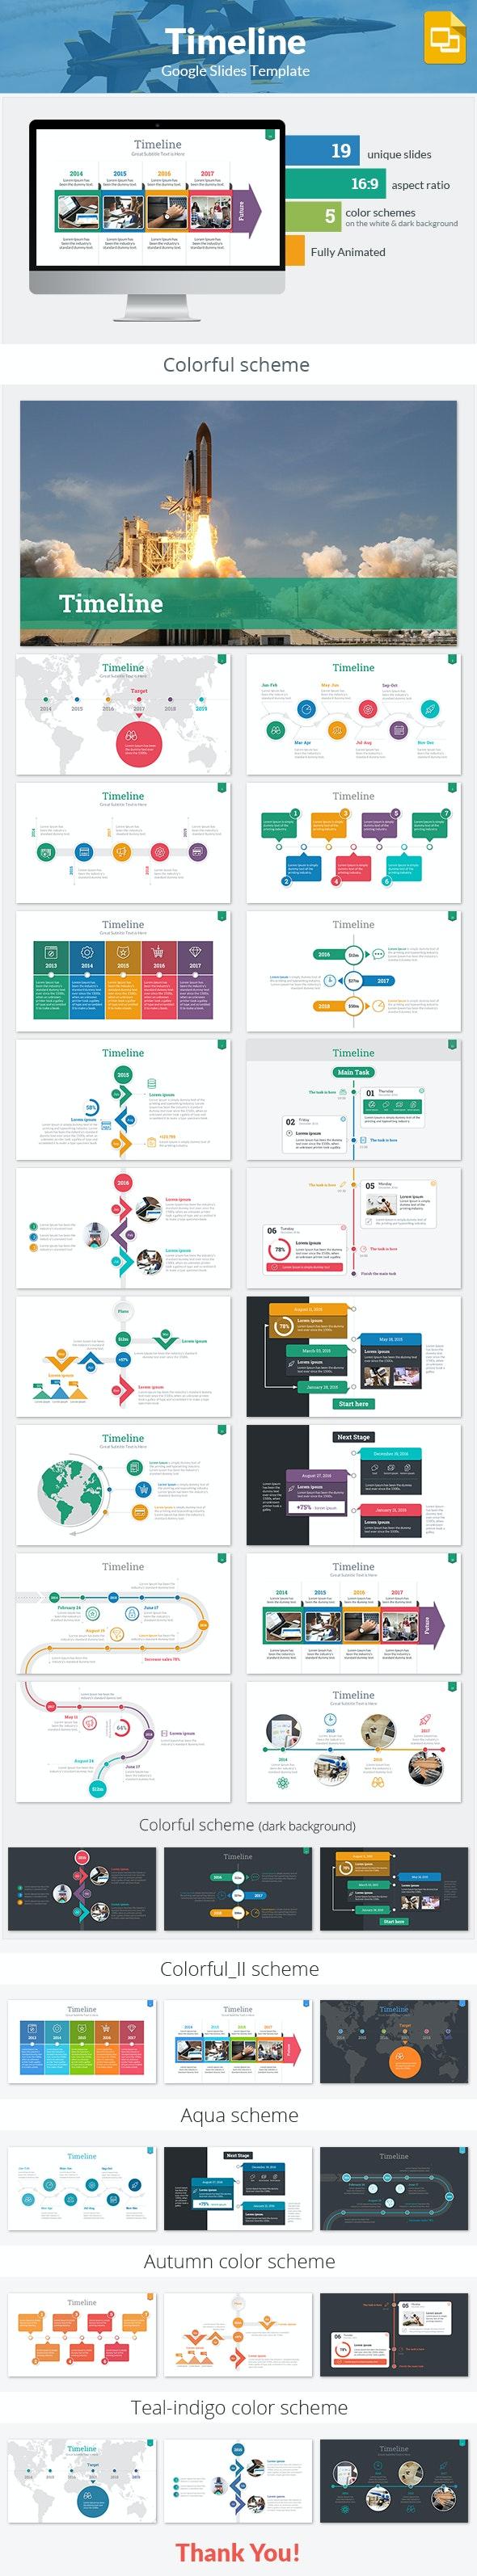 Timeline Google Slides Template - Google Slides Presentation Templates